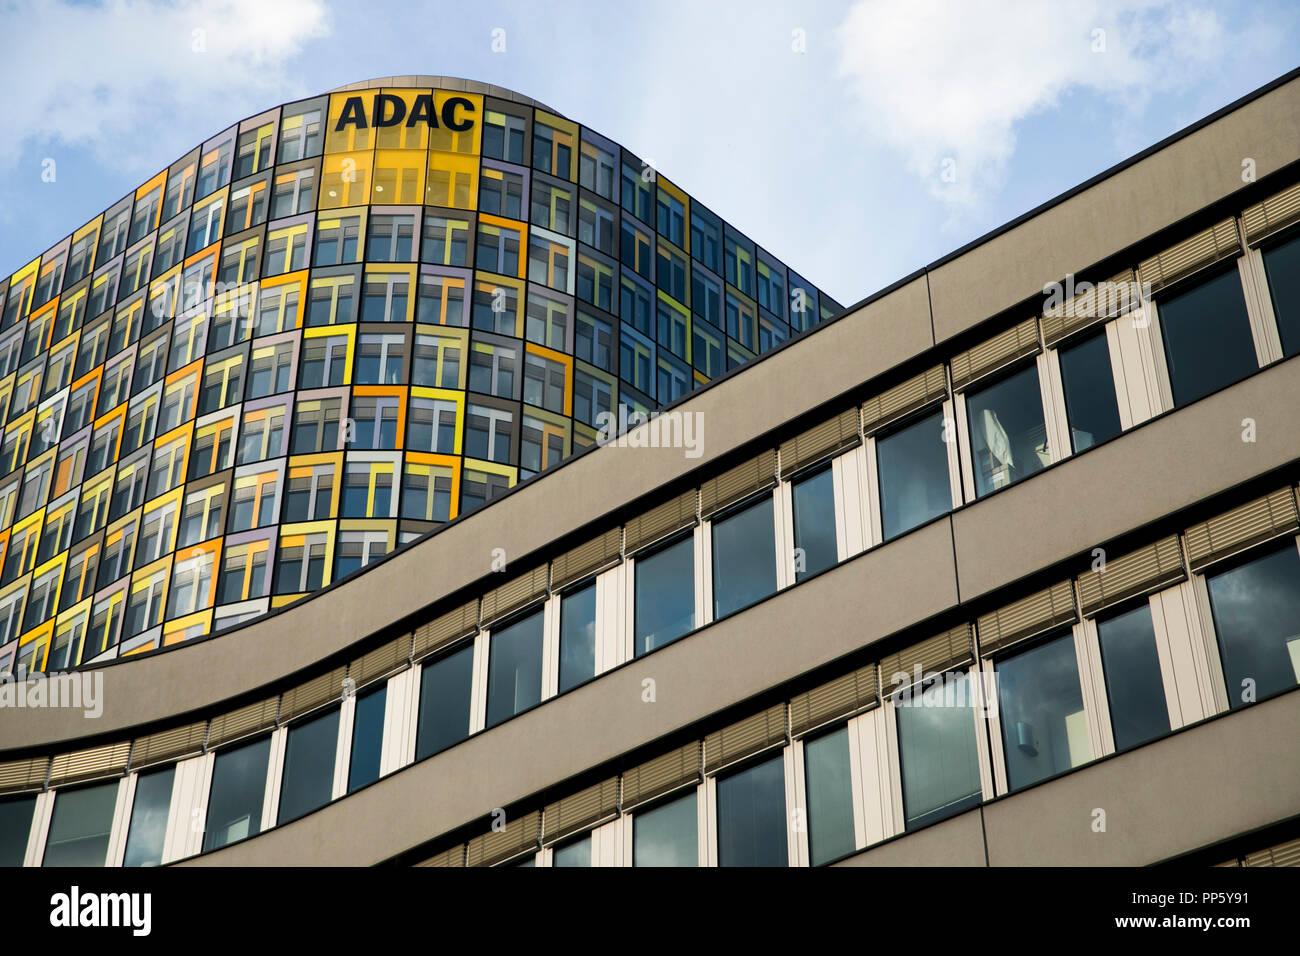 Allgemeiner Stock Photos Allgemeiner Stock Images Alamy